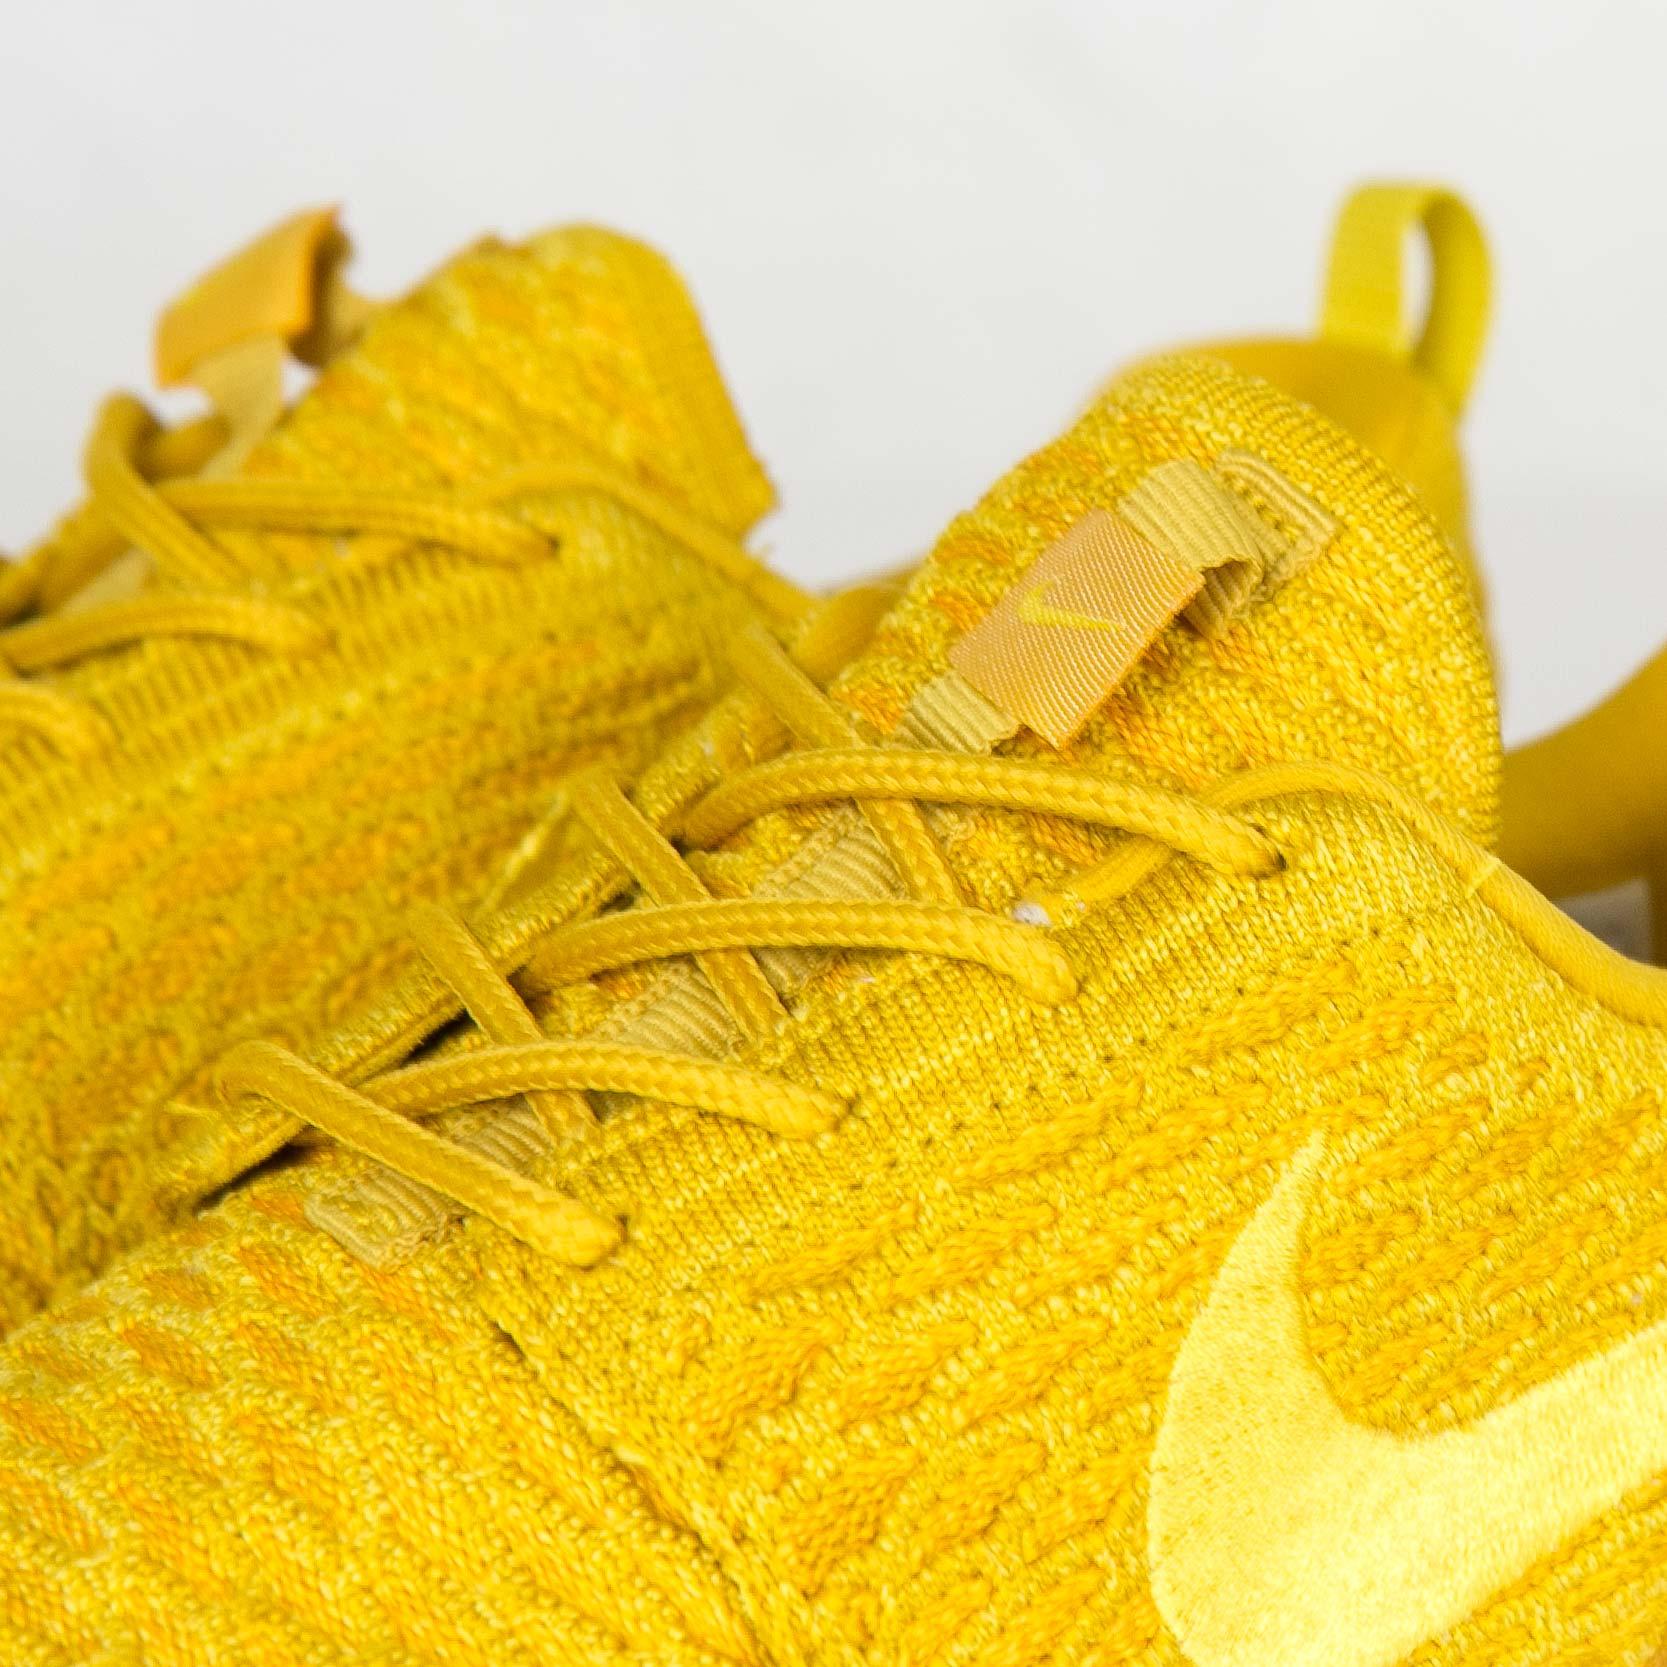 separation shoes 9286d 852b3 Nike Wmns Roshe One Flyknit - 704927-701 - Sneakersnstuff   sneakers    streetwear online since 1999